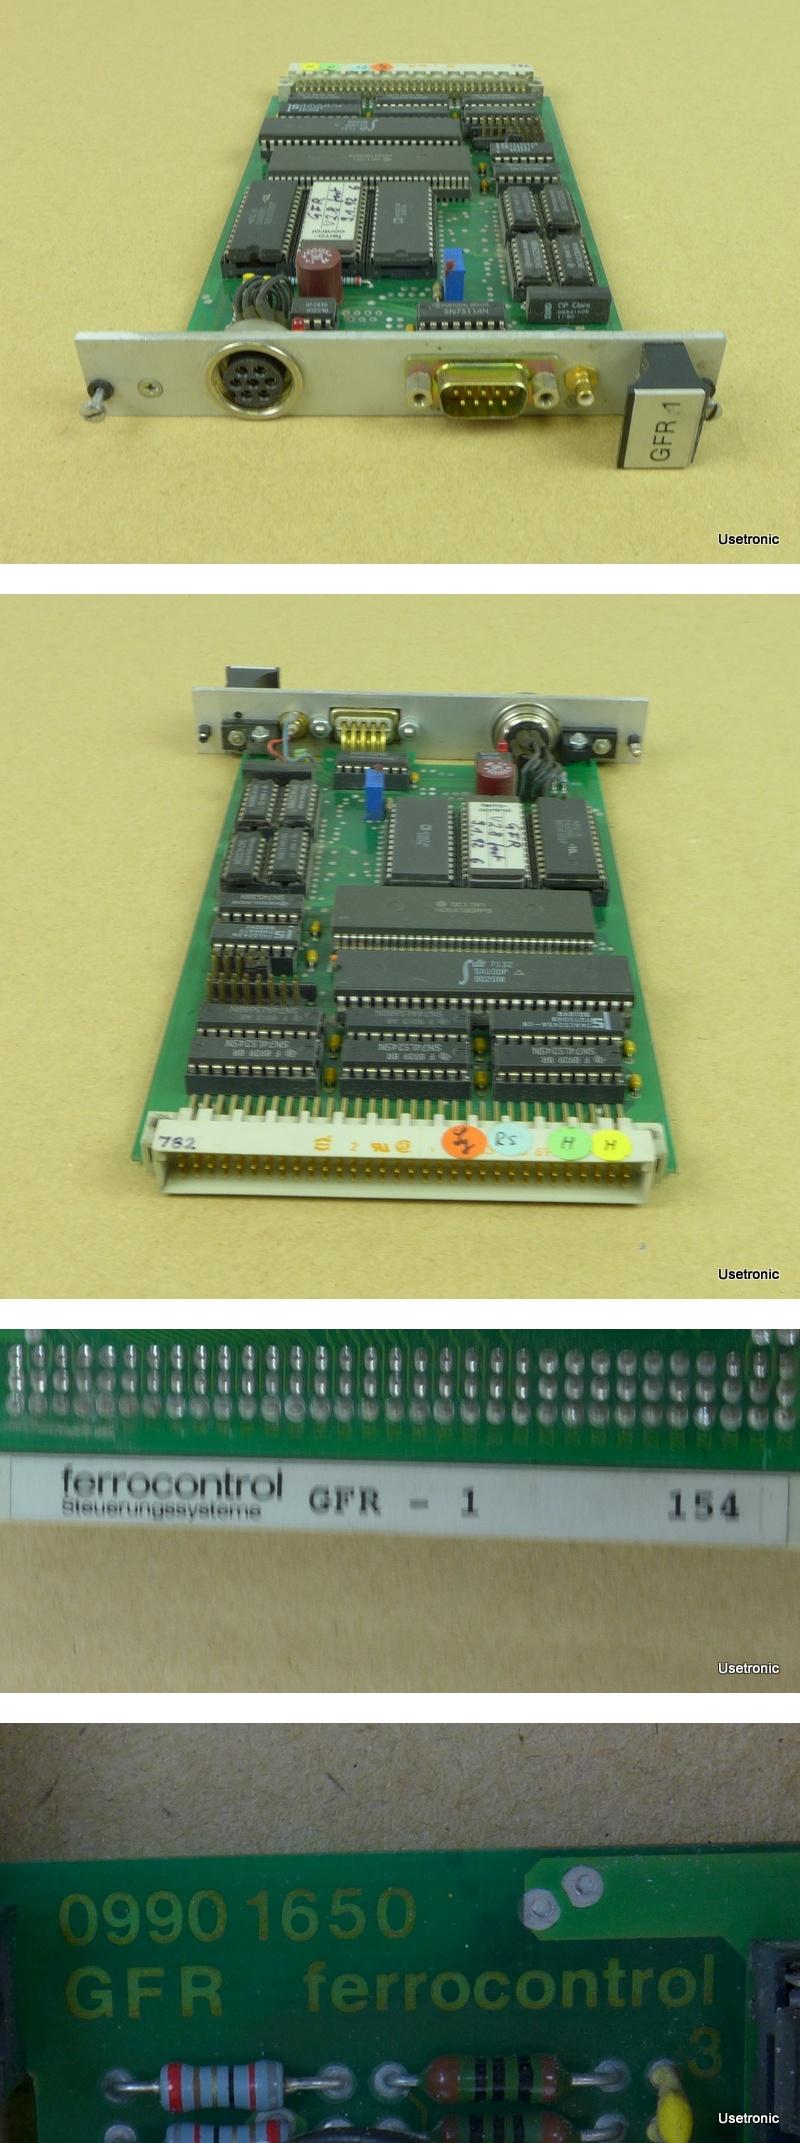 Ferrocontrol GFR 1 09901650